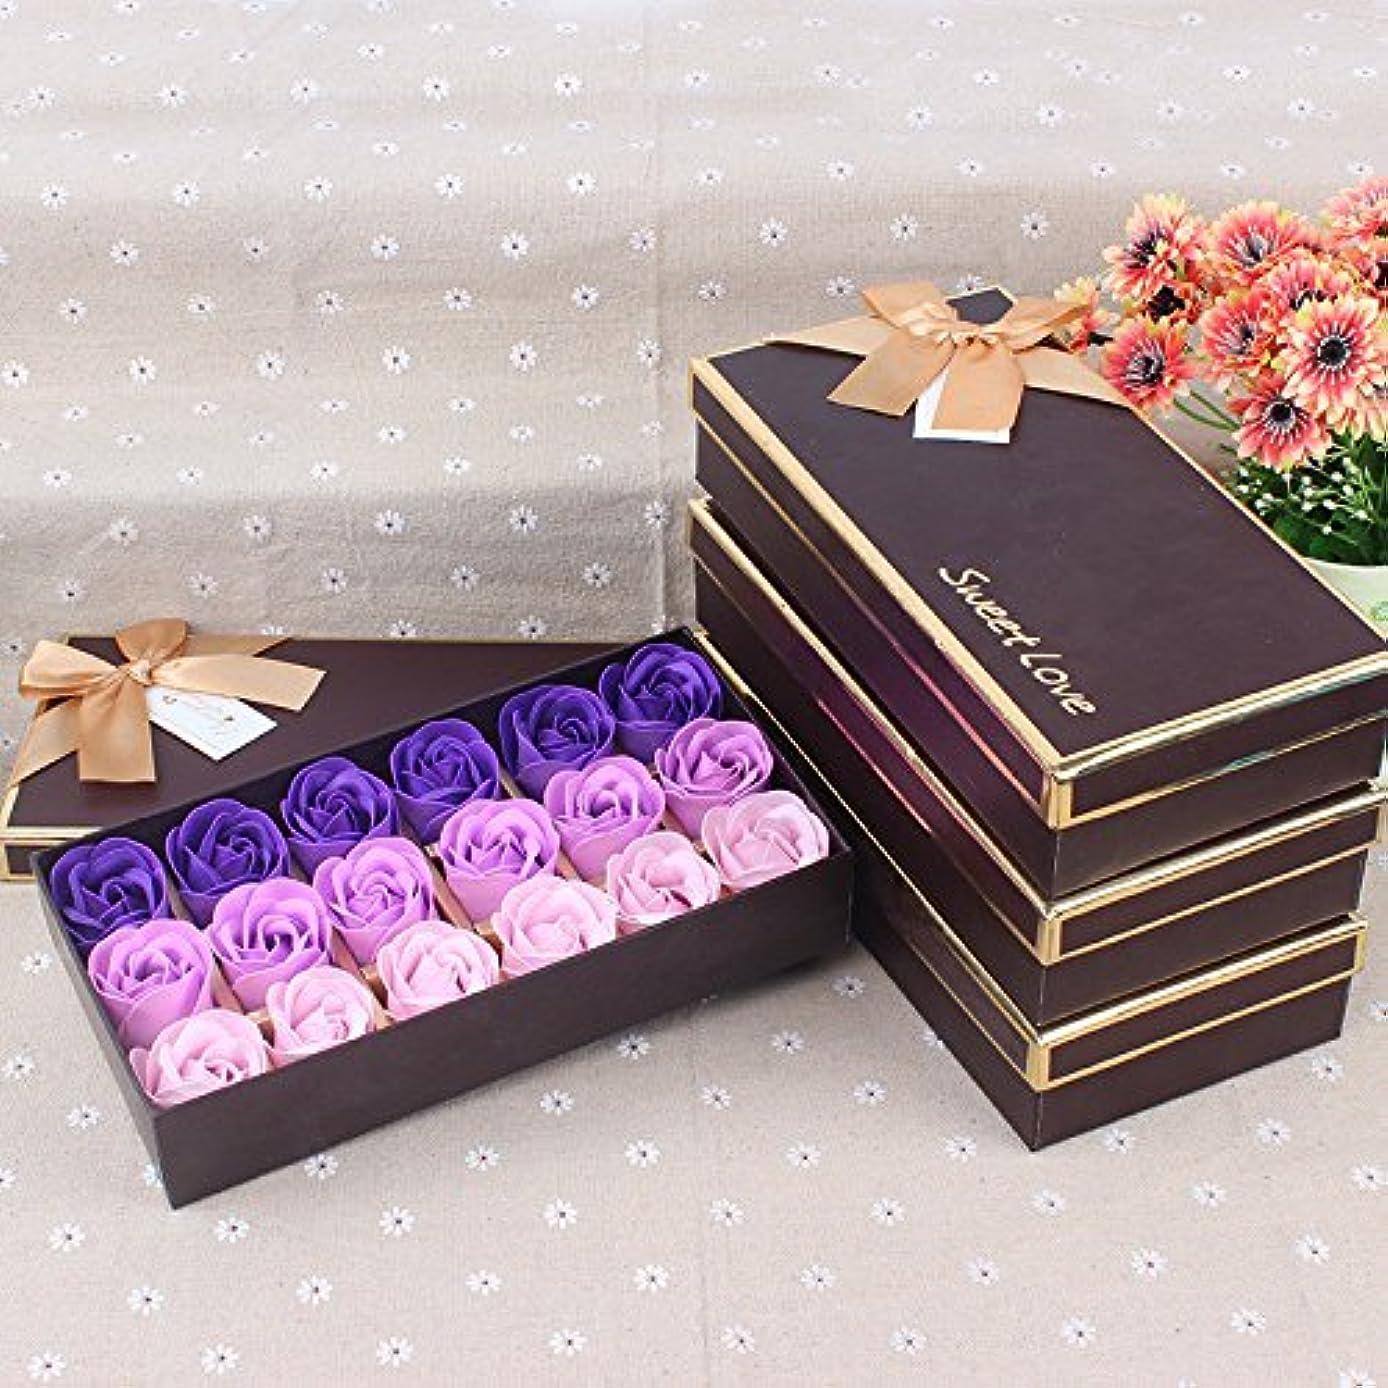 七面鳥折アンビエントWeryn(TM)結婚式のためのギフトボックスバレンタインデーの愛の贈り物で18バラセット香りの入浴ソープローズソープ花びら[Purplegradient]